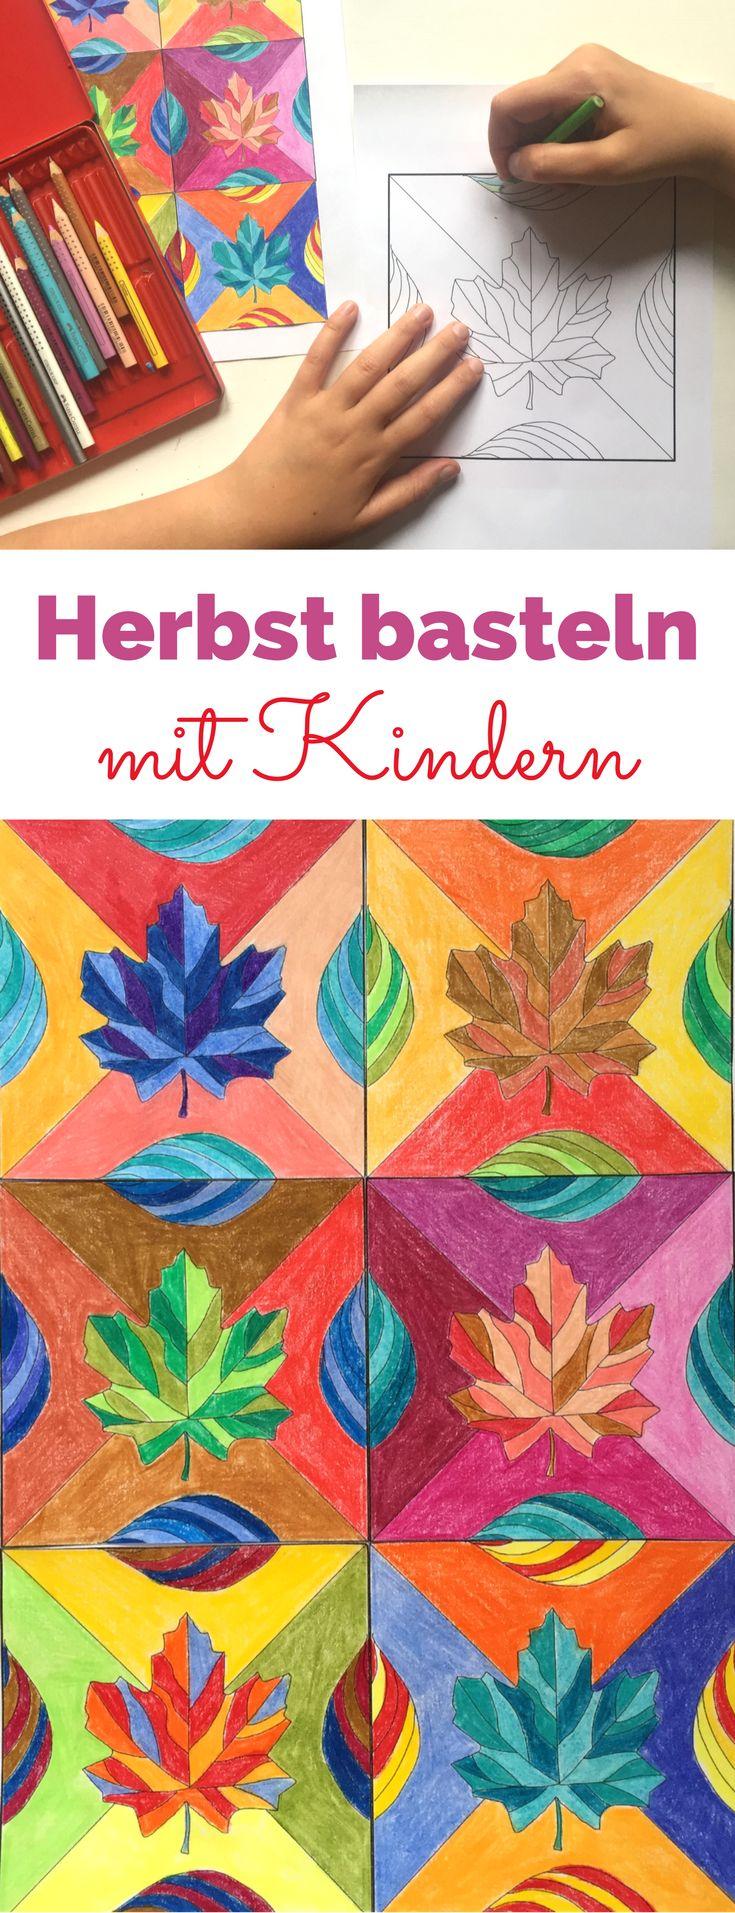 Herbst basteln mit Kindern  Blog, Dekoration and Basteln